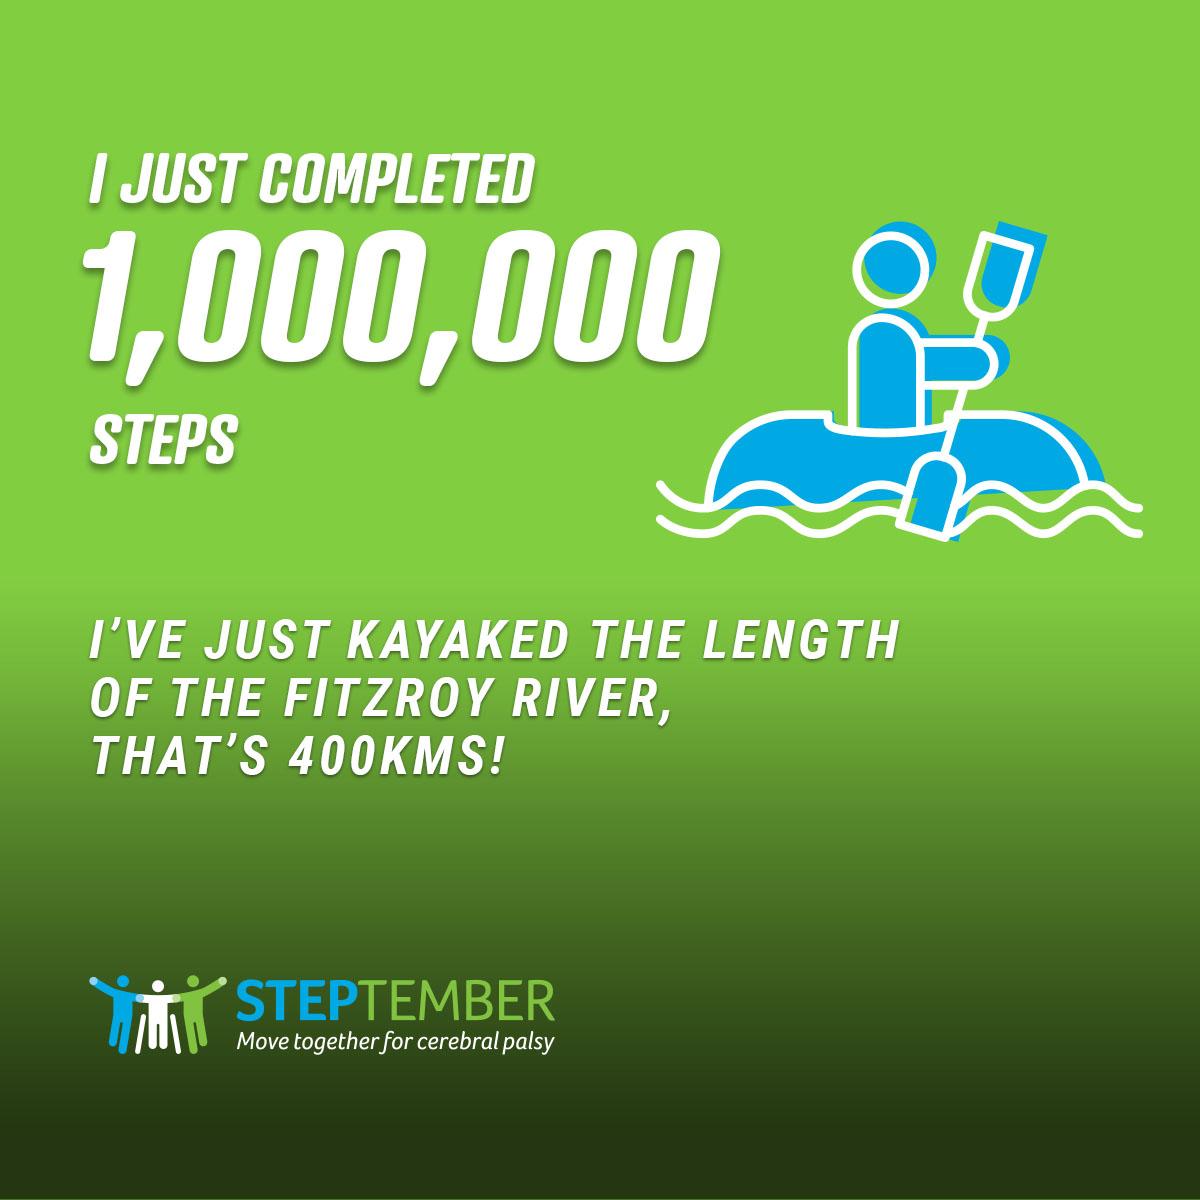 Social Post - 1,000,000 Steps